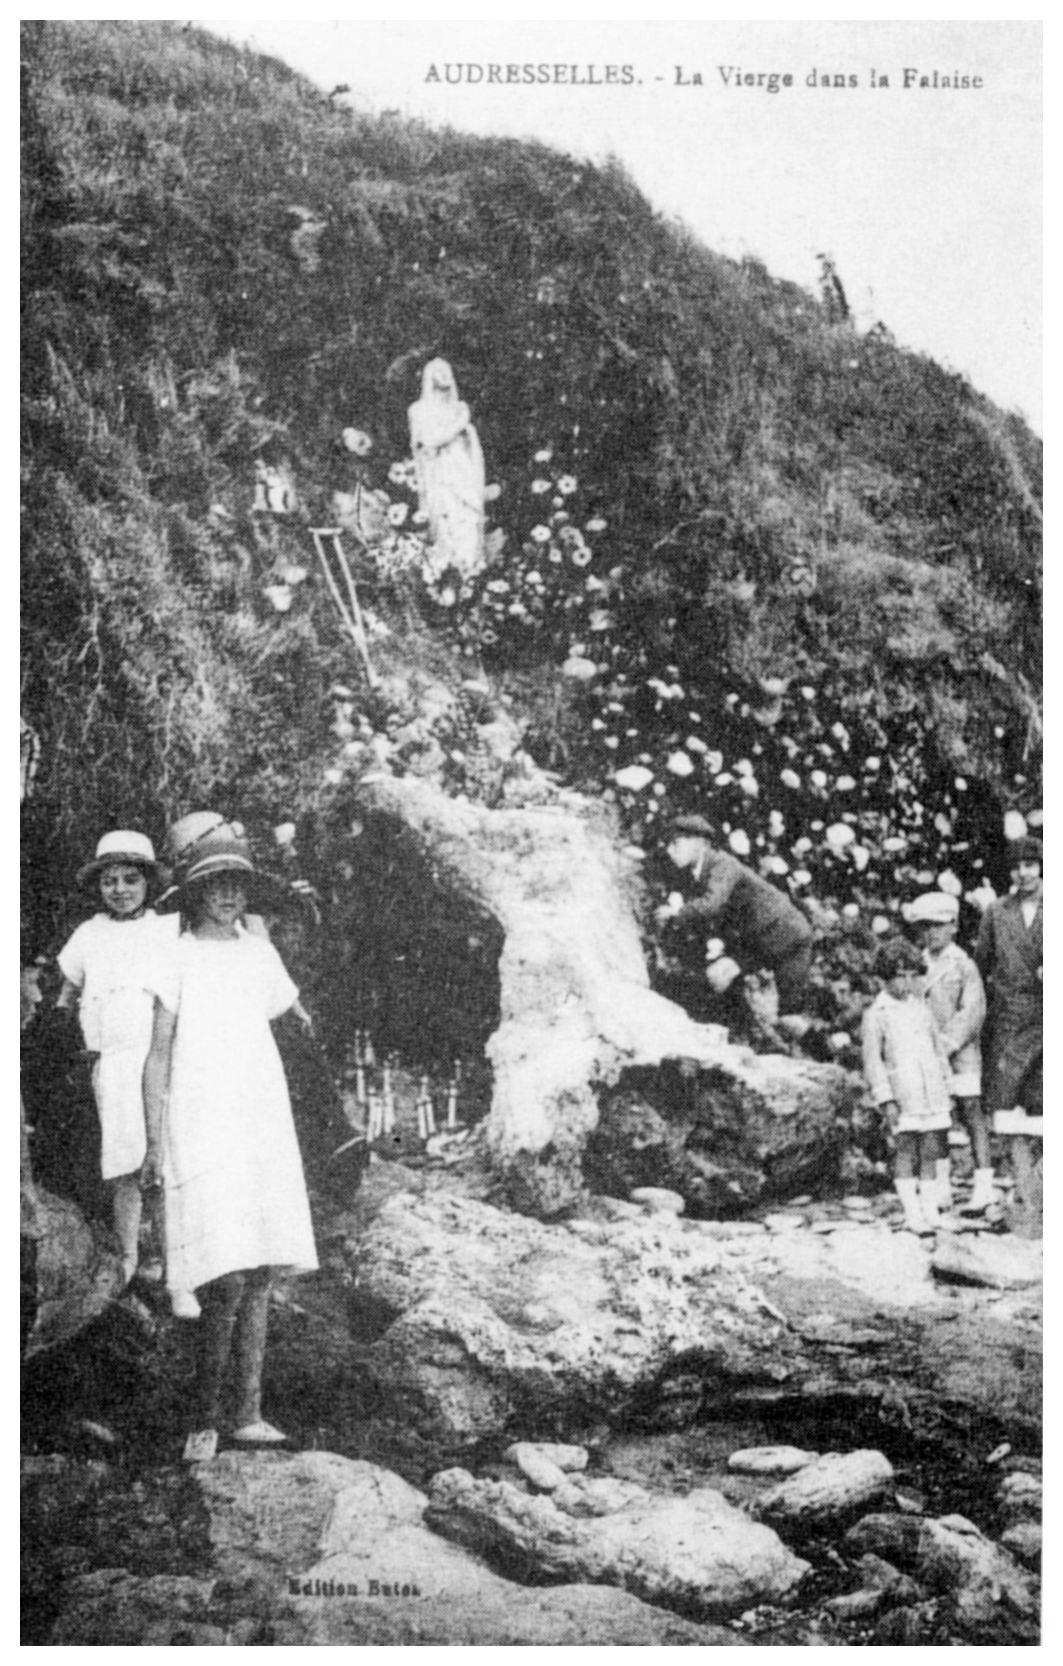 La Vierge dans la falaise au cran Poulet